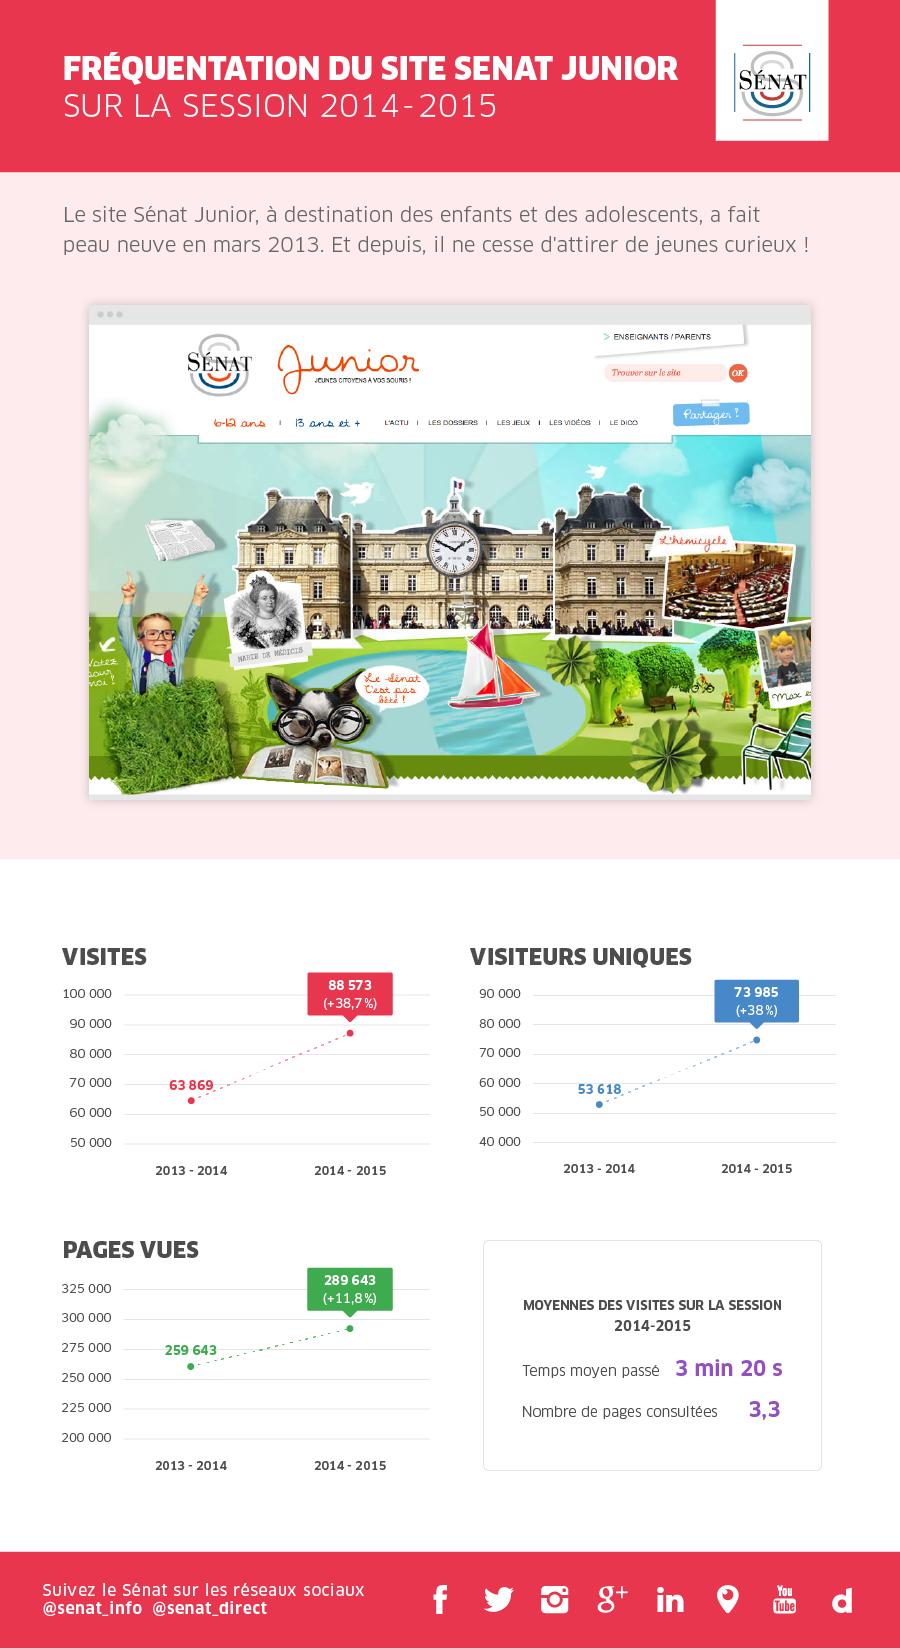 http://junior.senat.fr/fileadmin/medias/images/images-actus/LNS_SENAT_Infos-Stats2014-2015-01__3_.png